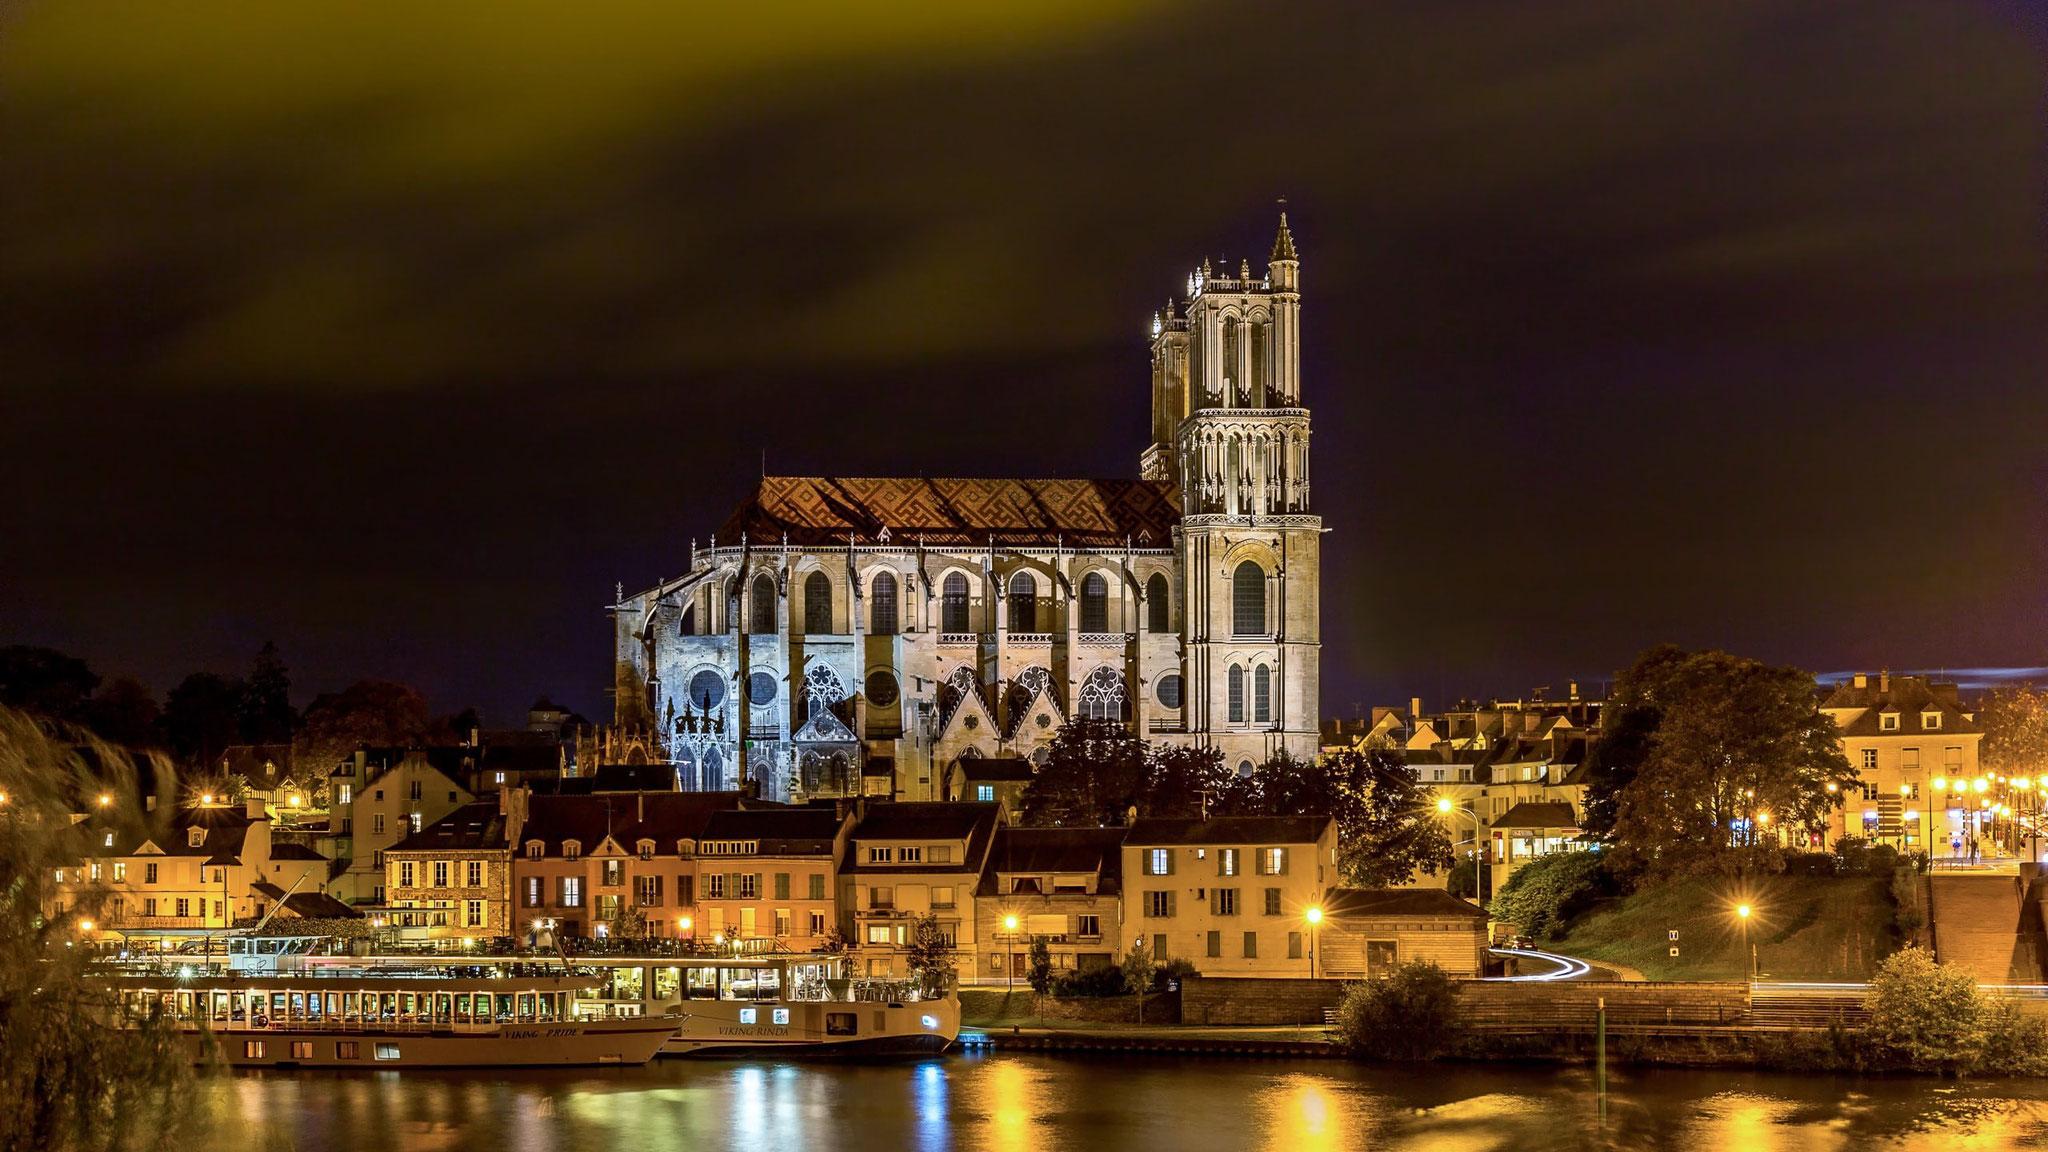 Collégiale Notre-Dame de Mantes-la-Jolie.